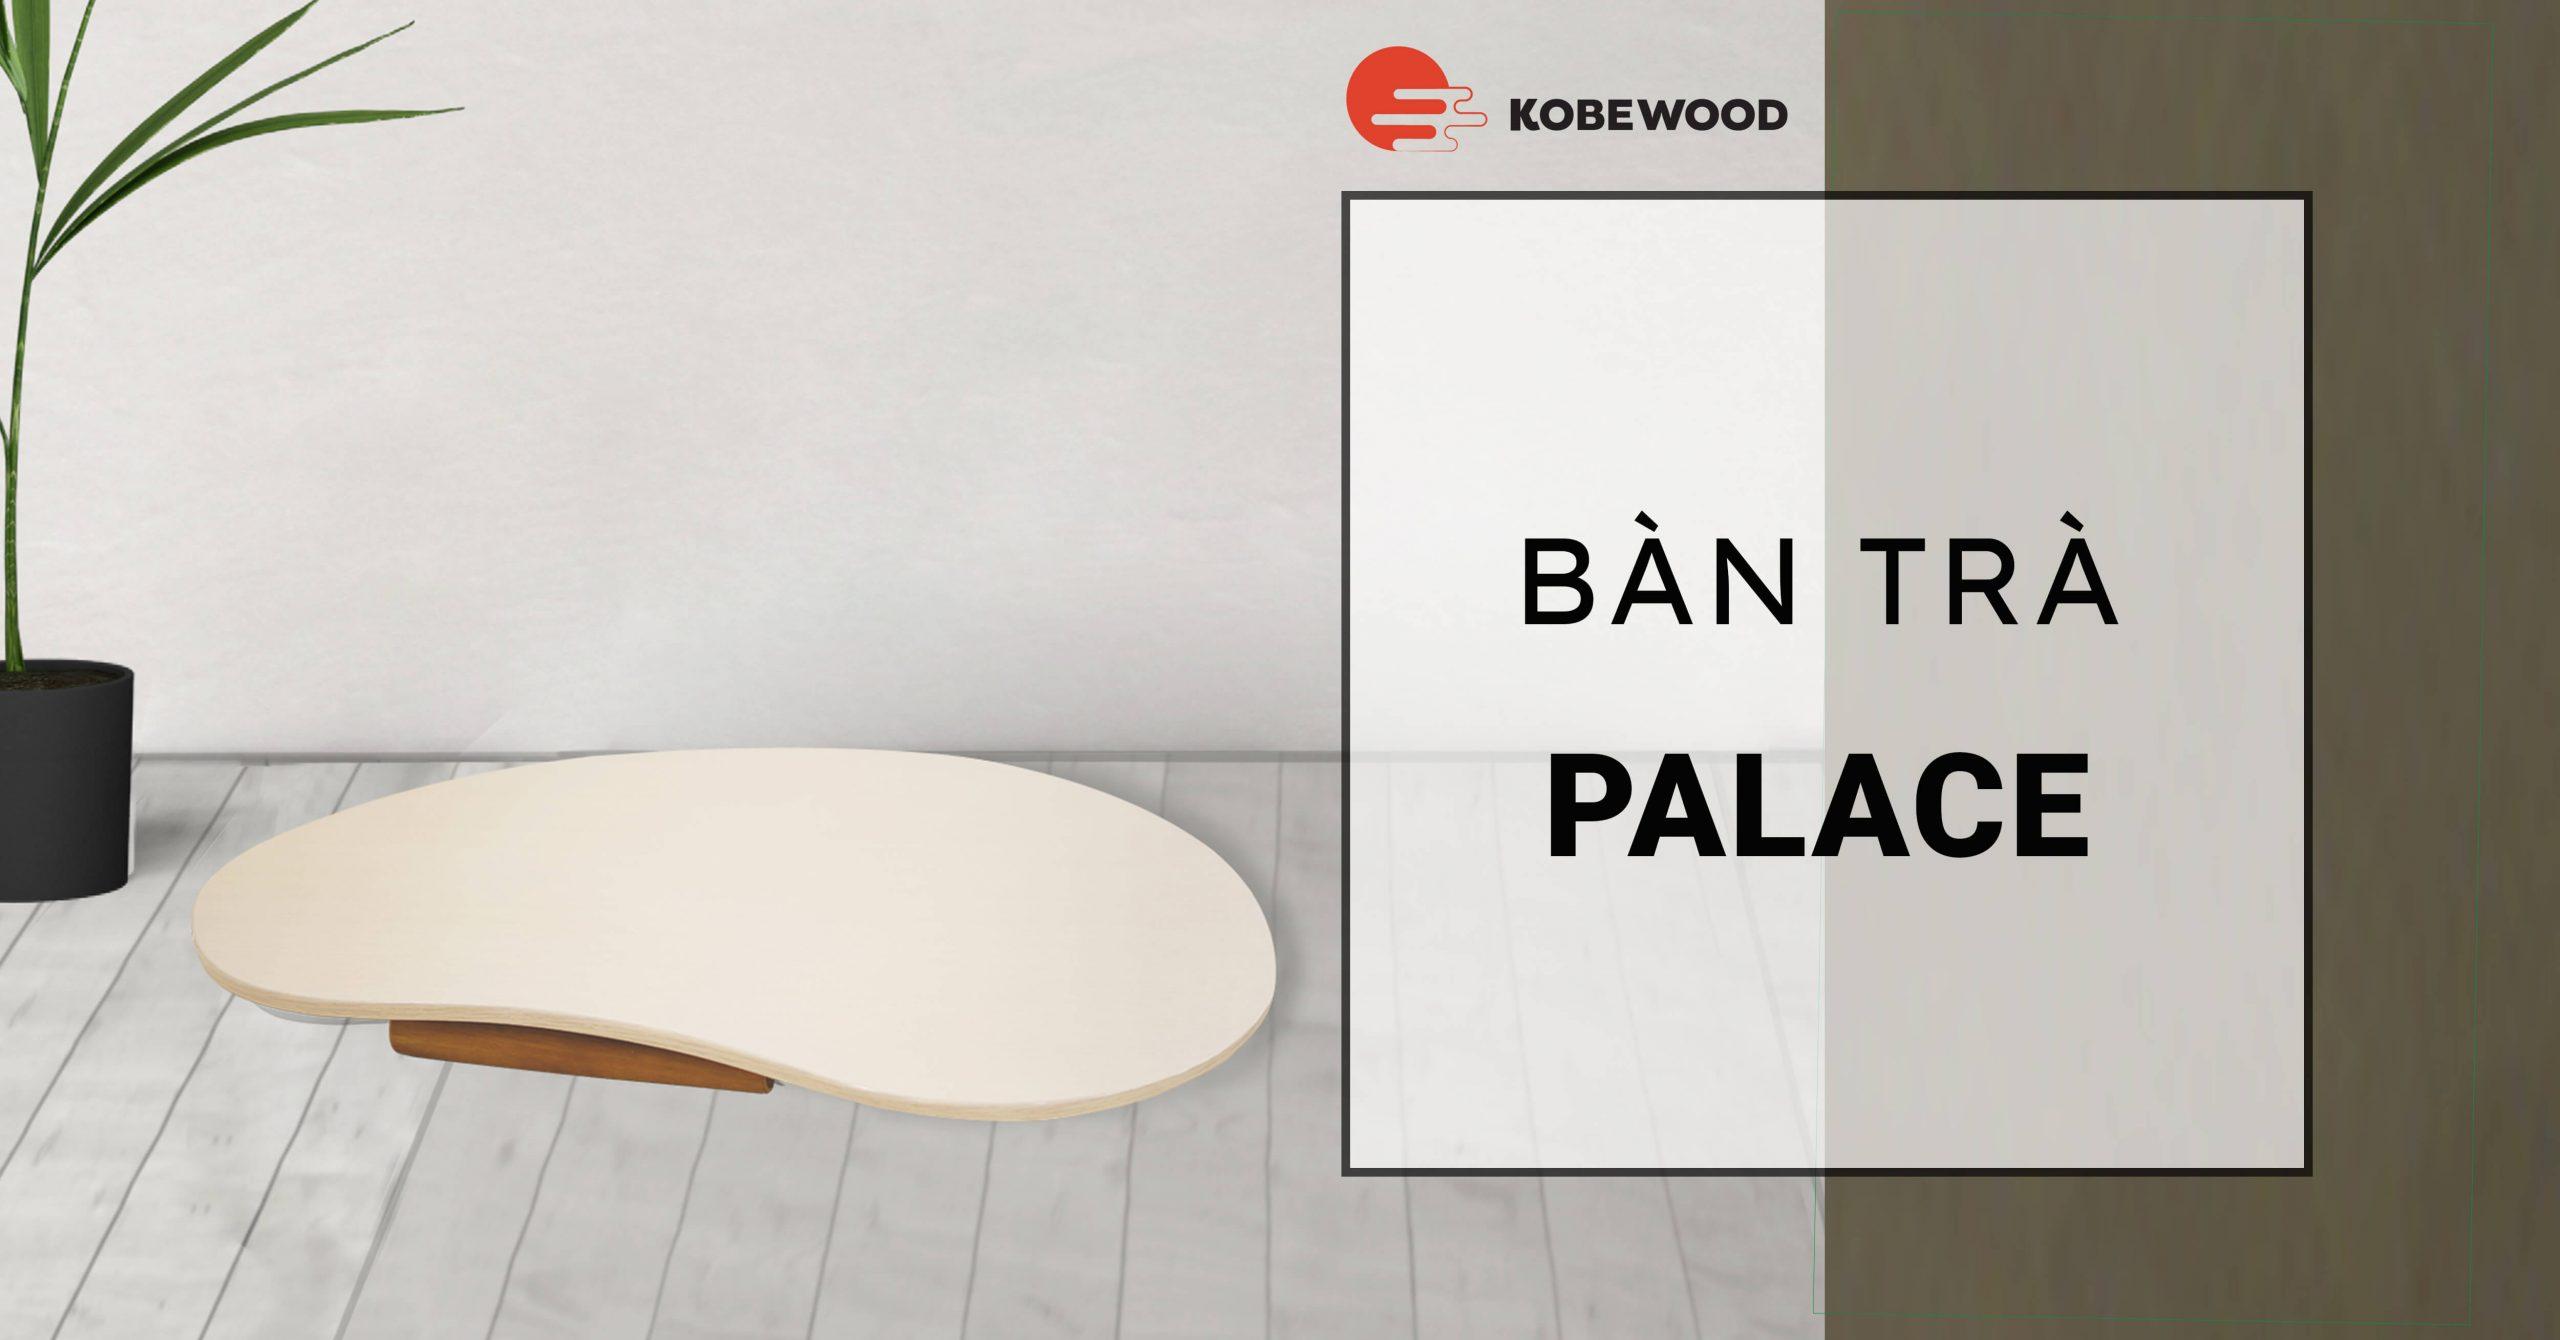 bàn trà nhật bản kobewood palace